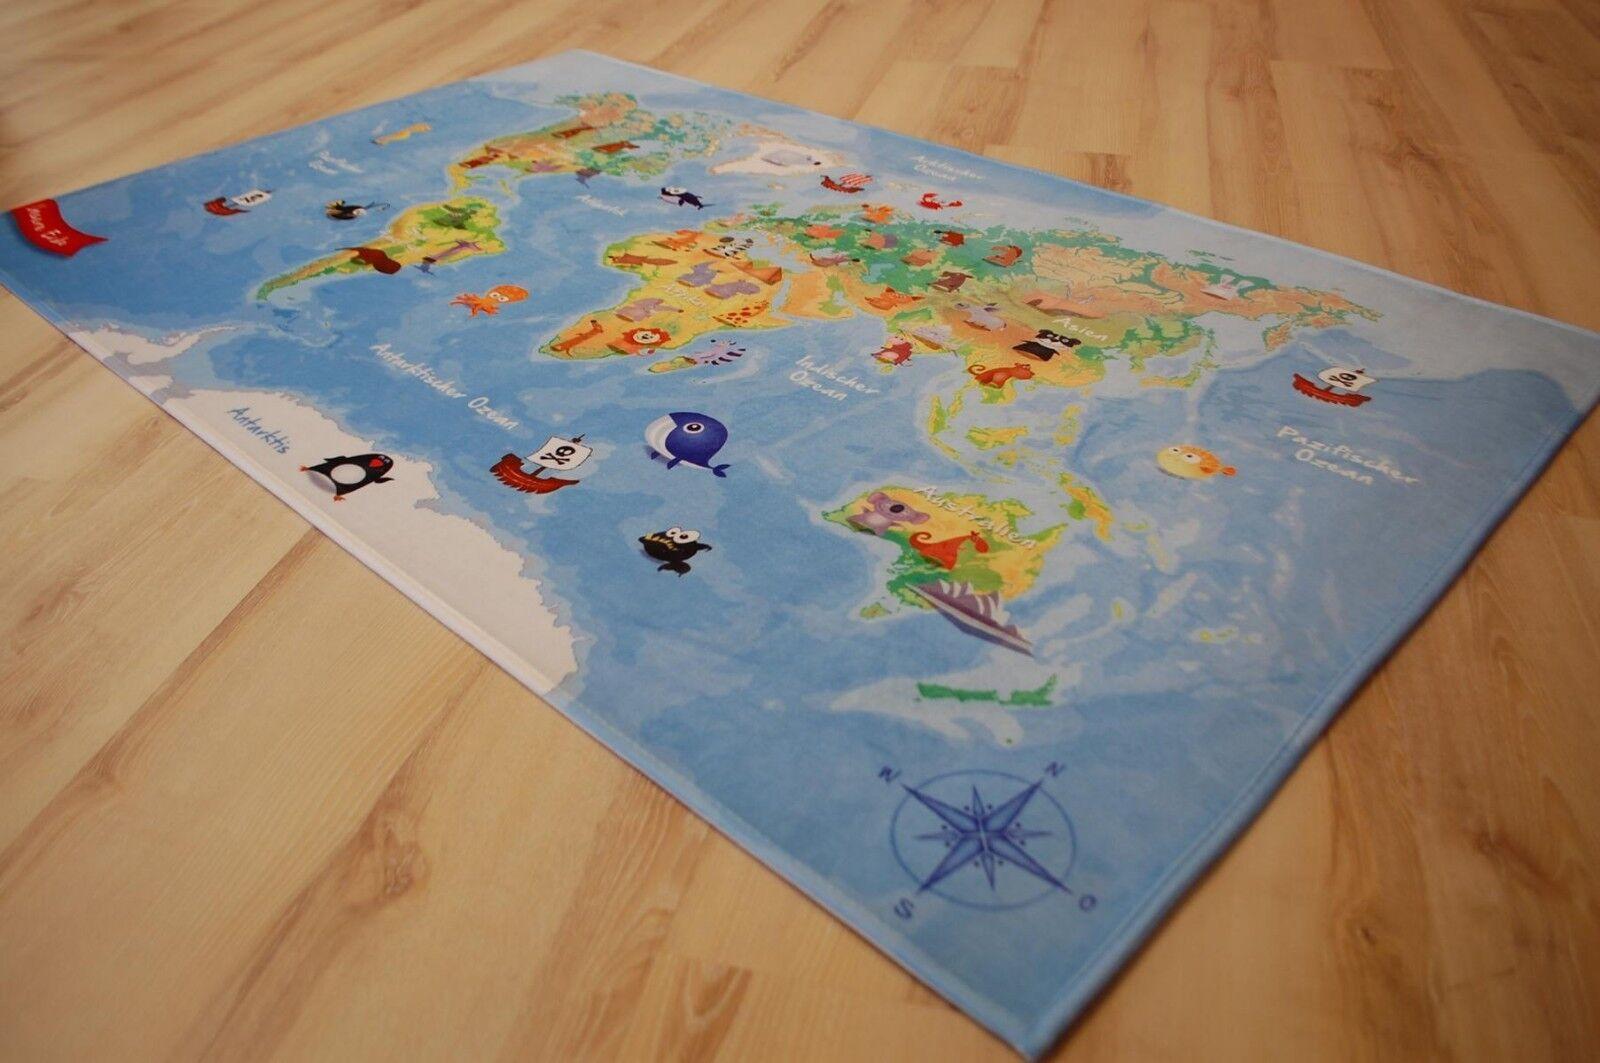 Jeu d'enfant Tapis carte du monde 100x160 cm lk-413 monde notre terre NEUF